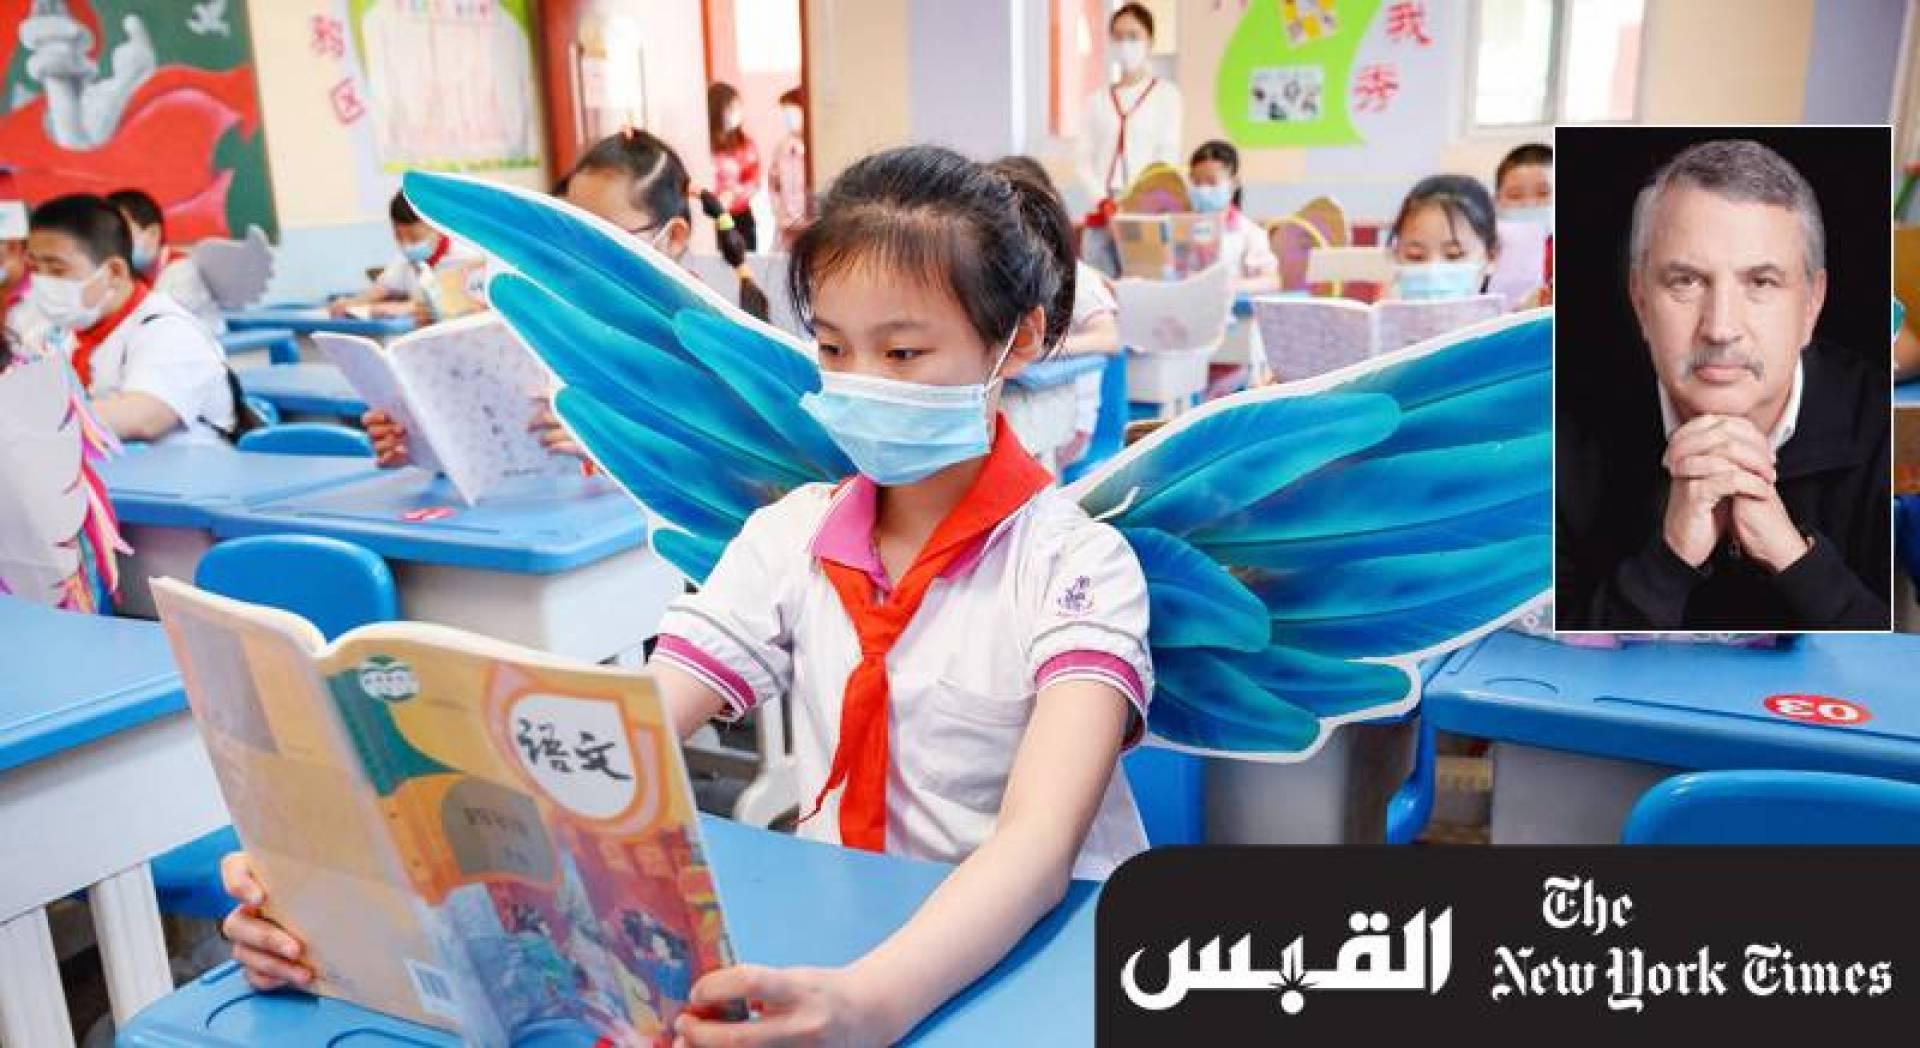 تلميذة تضع جانحين للحفاظ على مسافة مع الآخرين داخل مدرسة في إقليم شانشي بشمال الصين (أ.ف.ب)